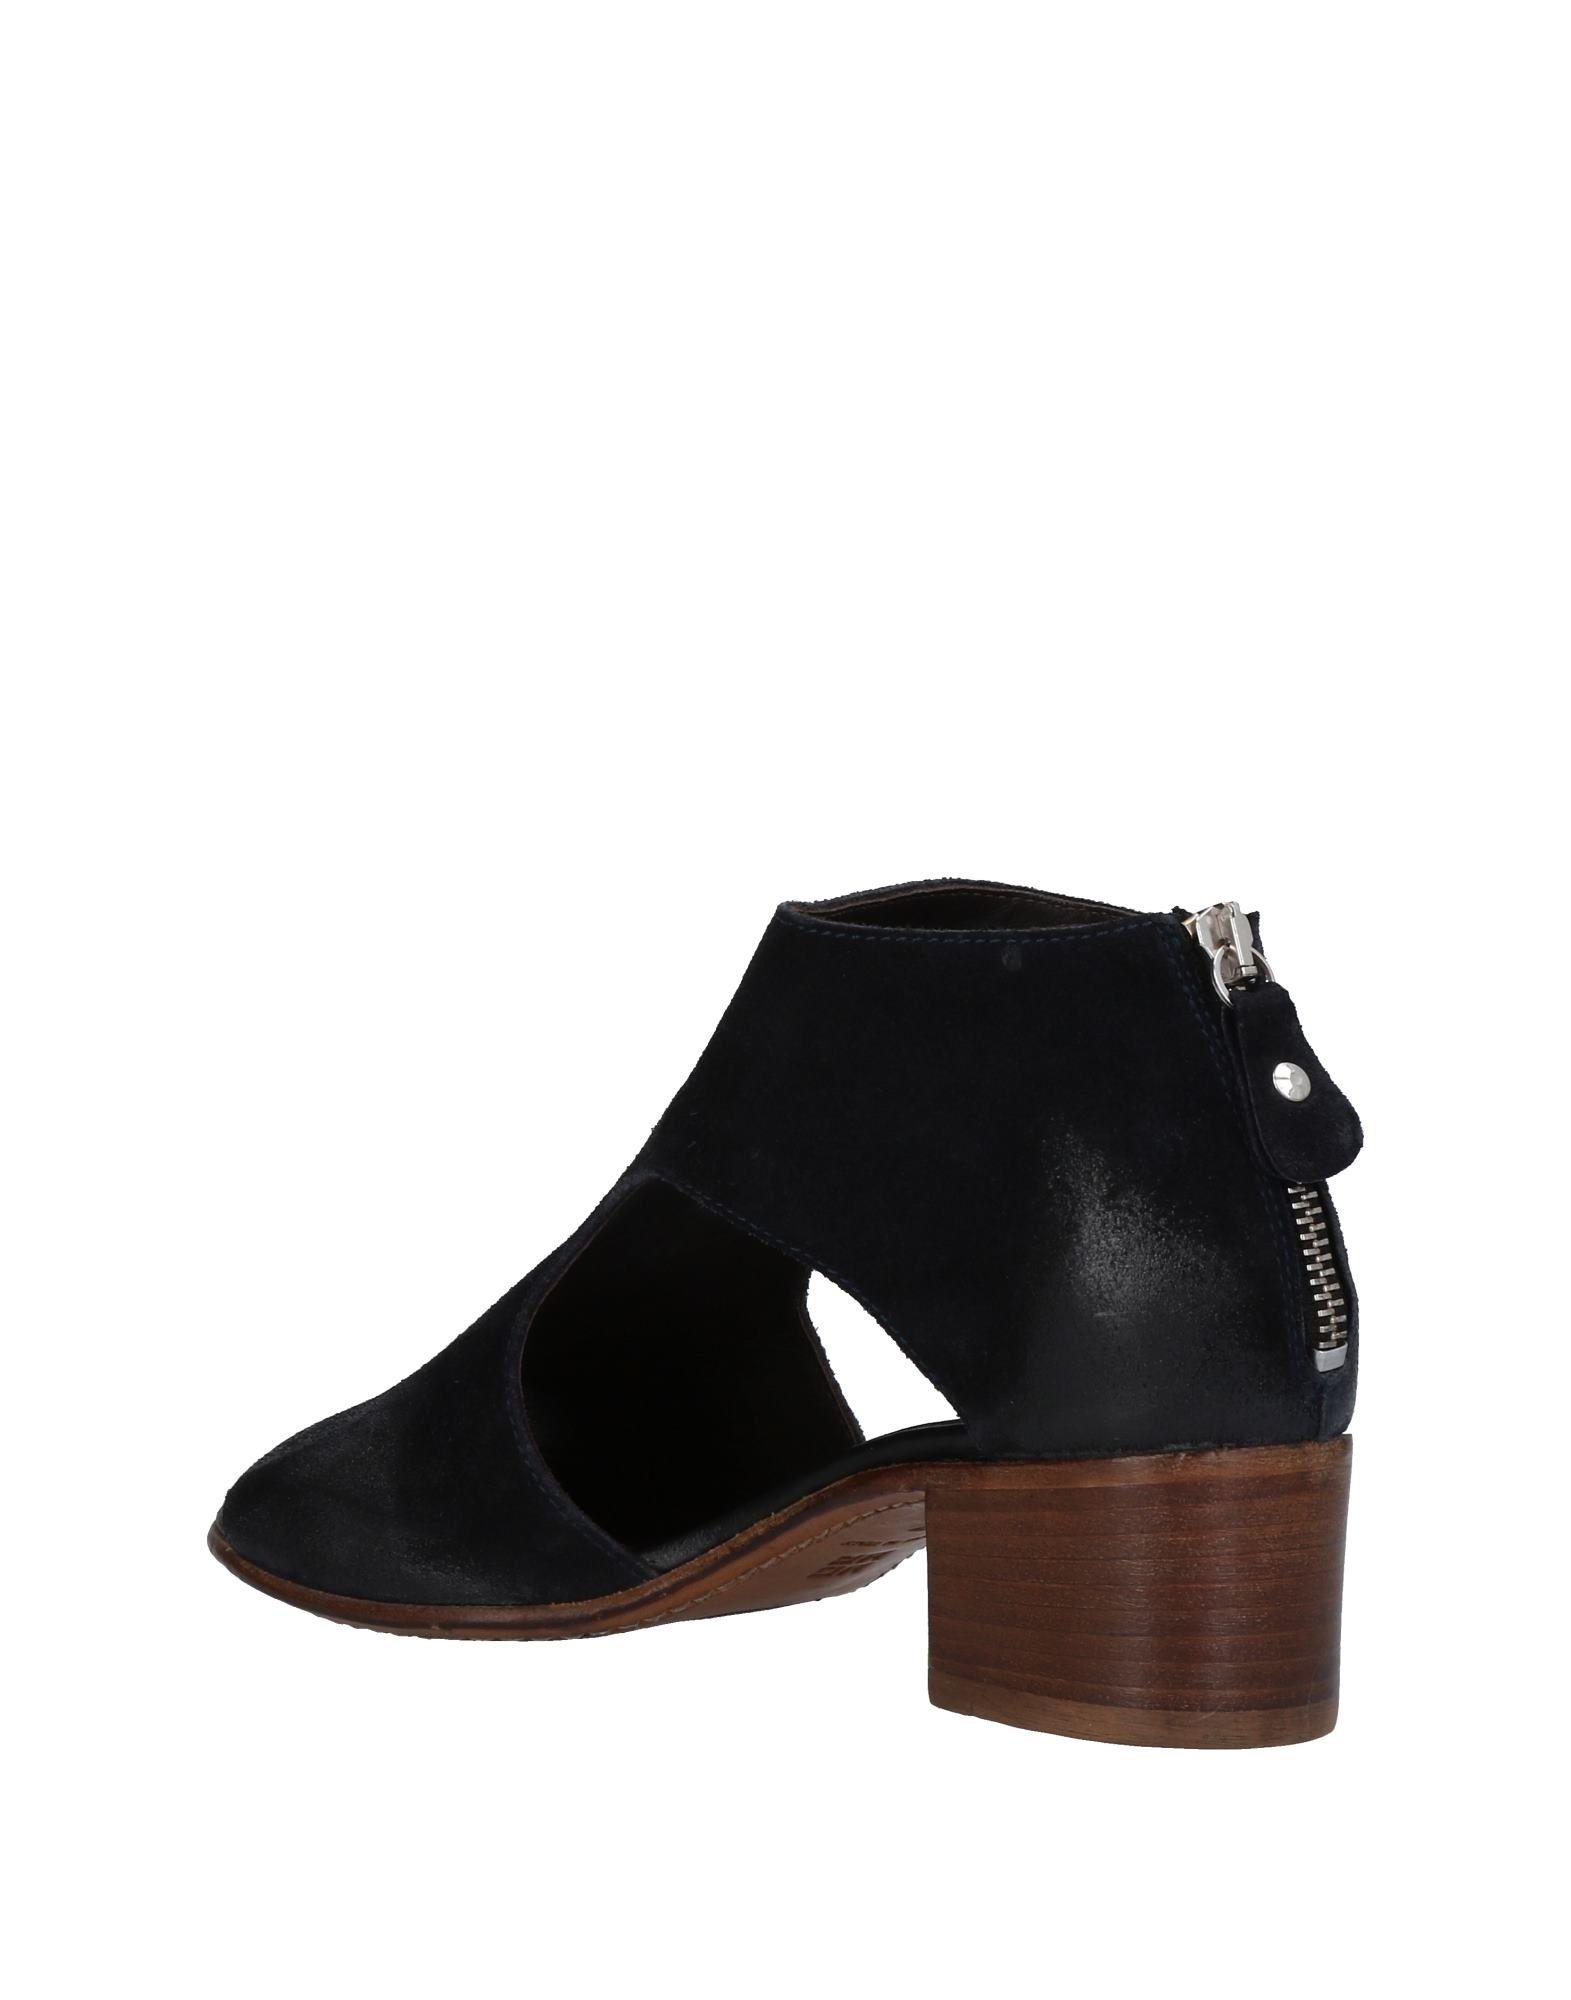 Stilvolle billige Schuhe Damen Moma Sandalen Damen Schuhe  11420442IJ 22d2a2